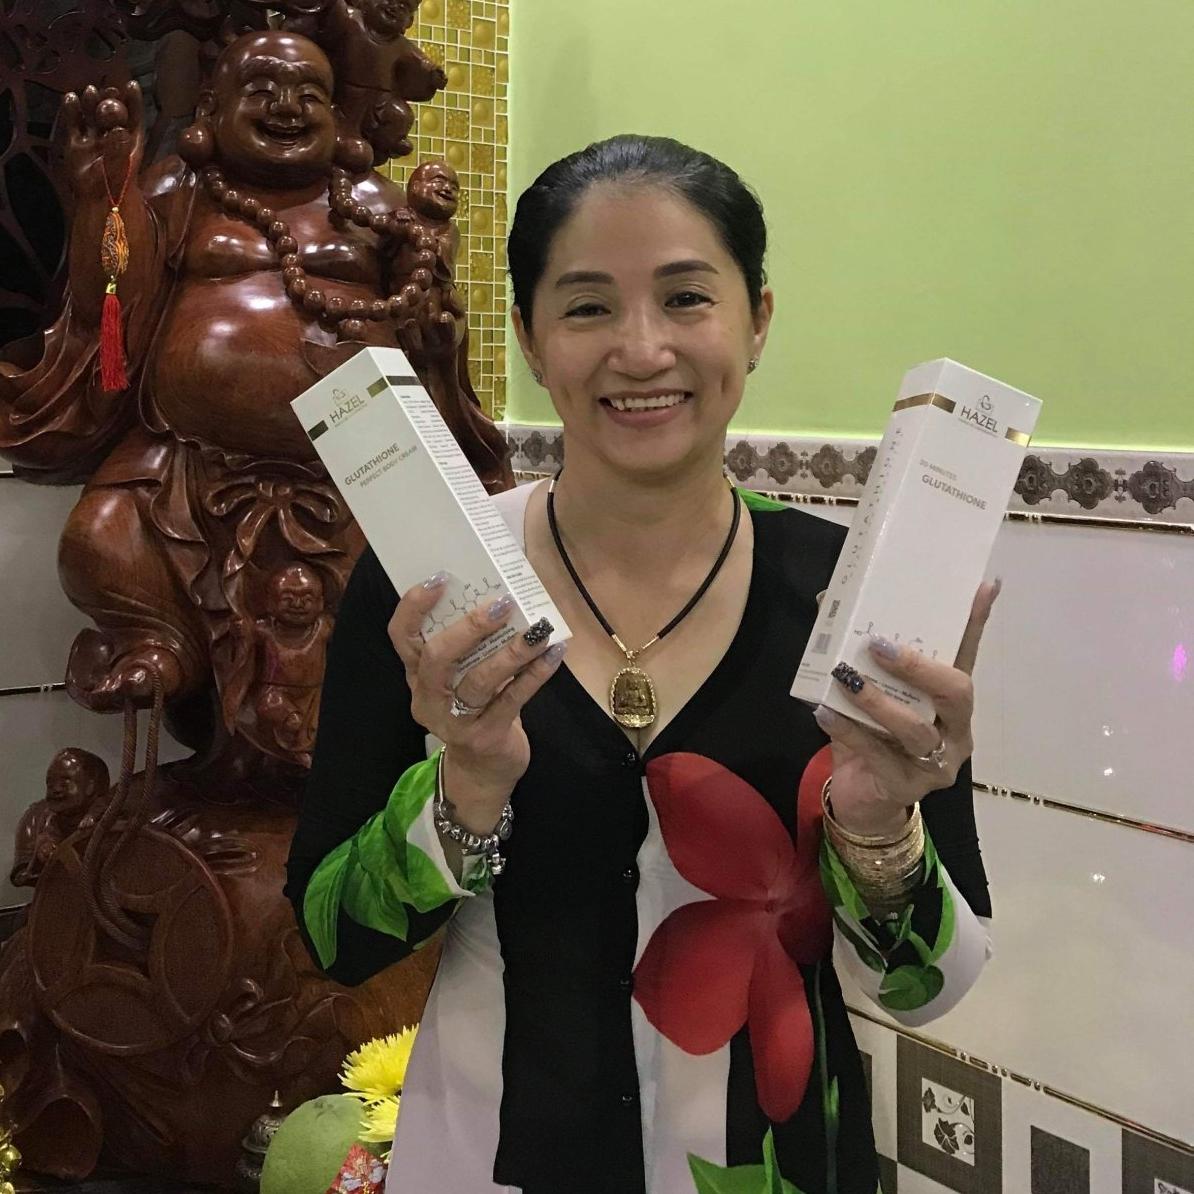 Chị Ngọc Hiền - Quận 1, Tp. HCM